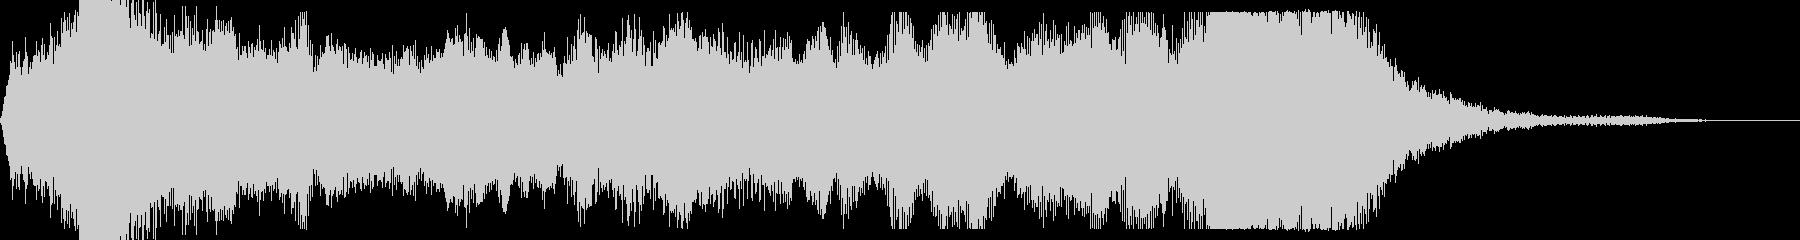 短めなオーケストラファンファーレの未再生の波形